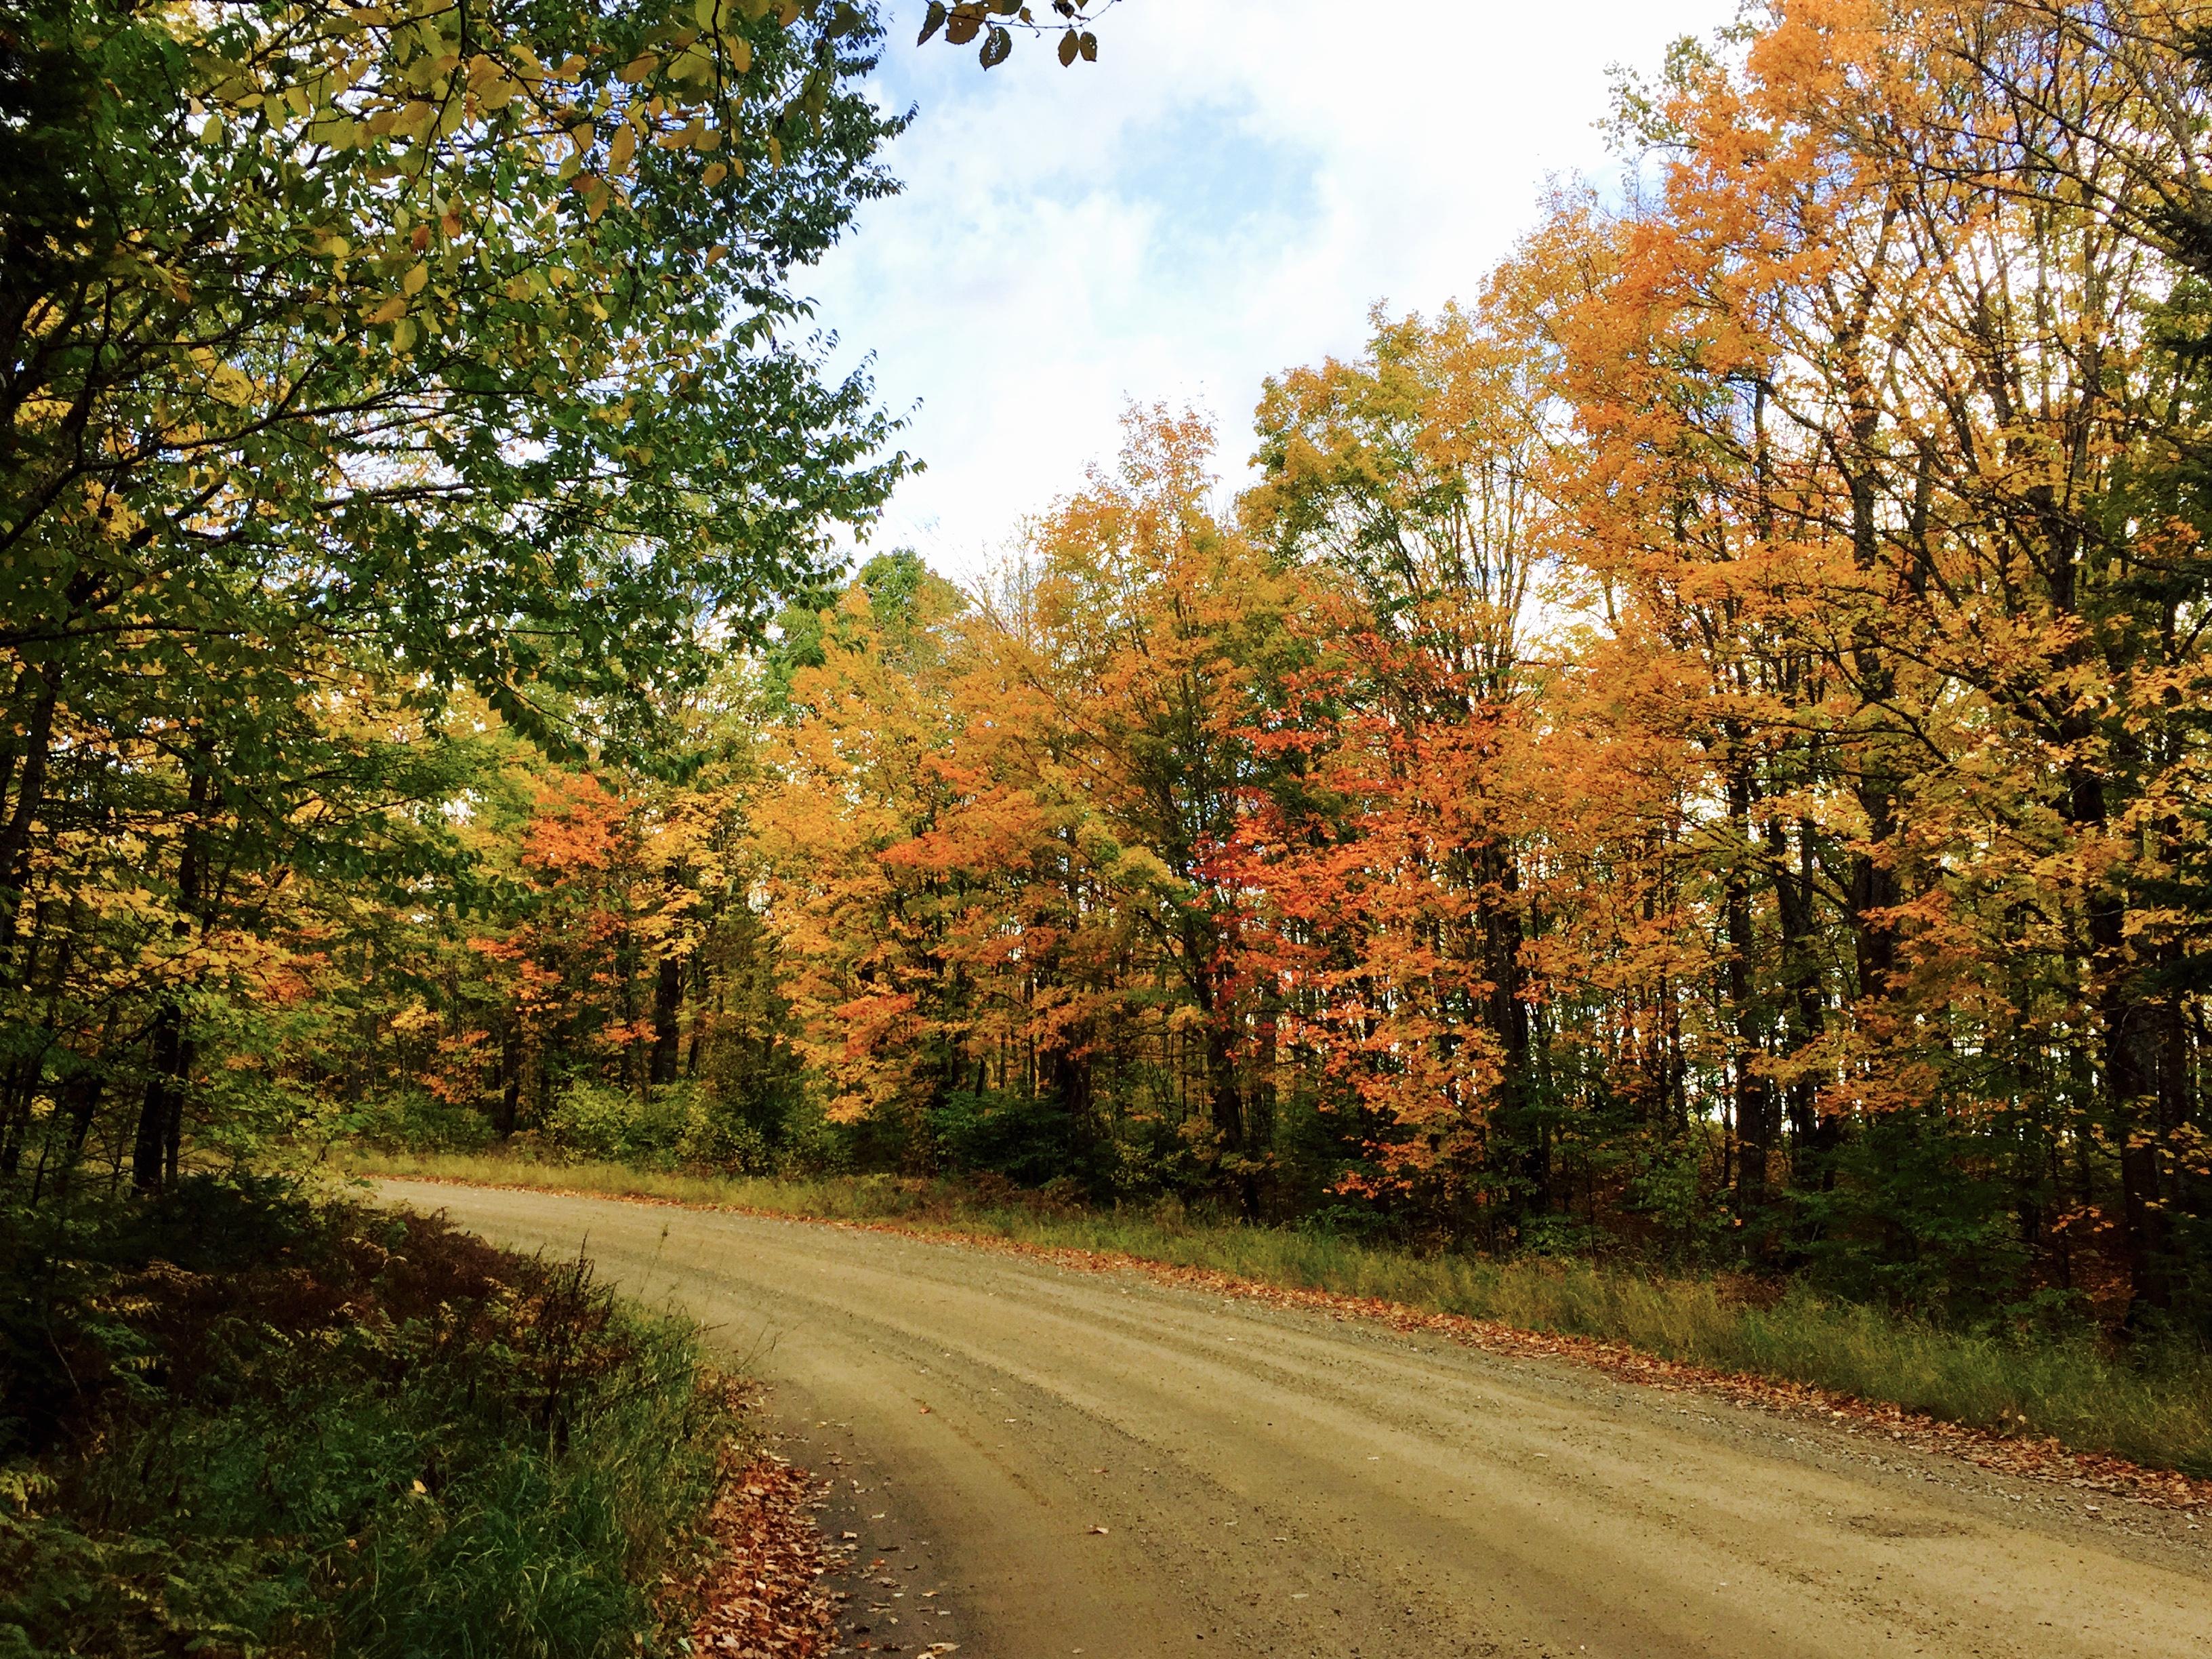 北密襯裙湖當下的彩色楓葉路景,預計下周開始紅葉覆蓋面積會更大。(楊曉迪提供)